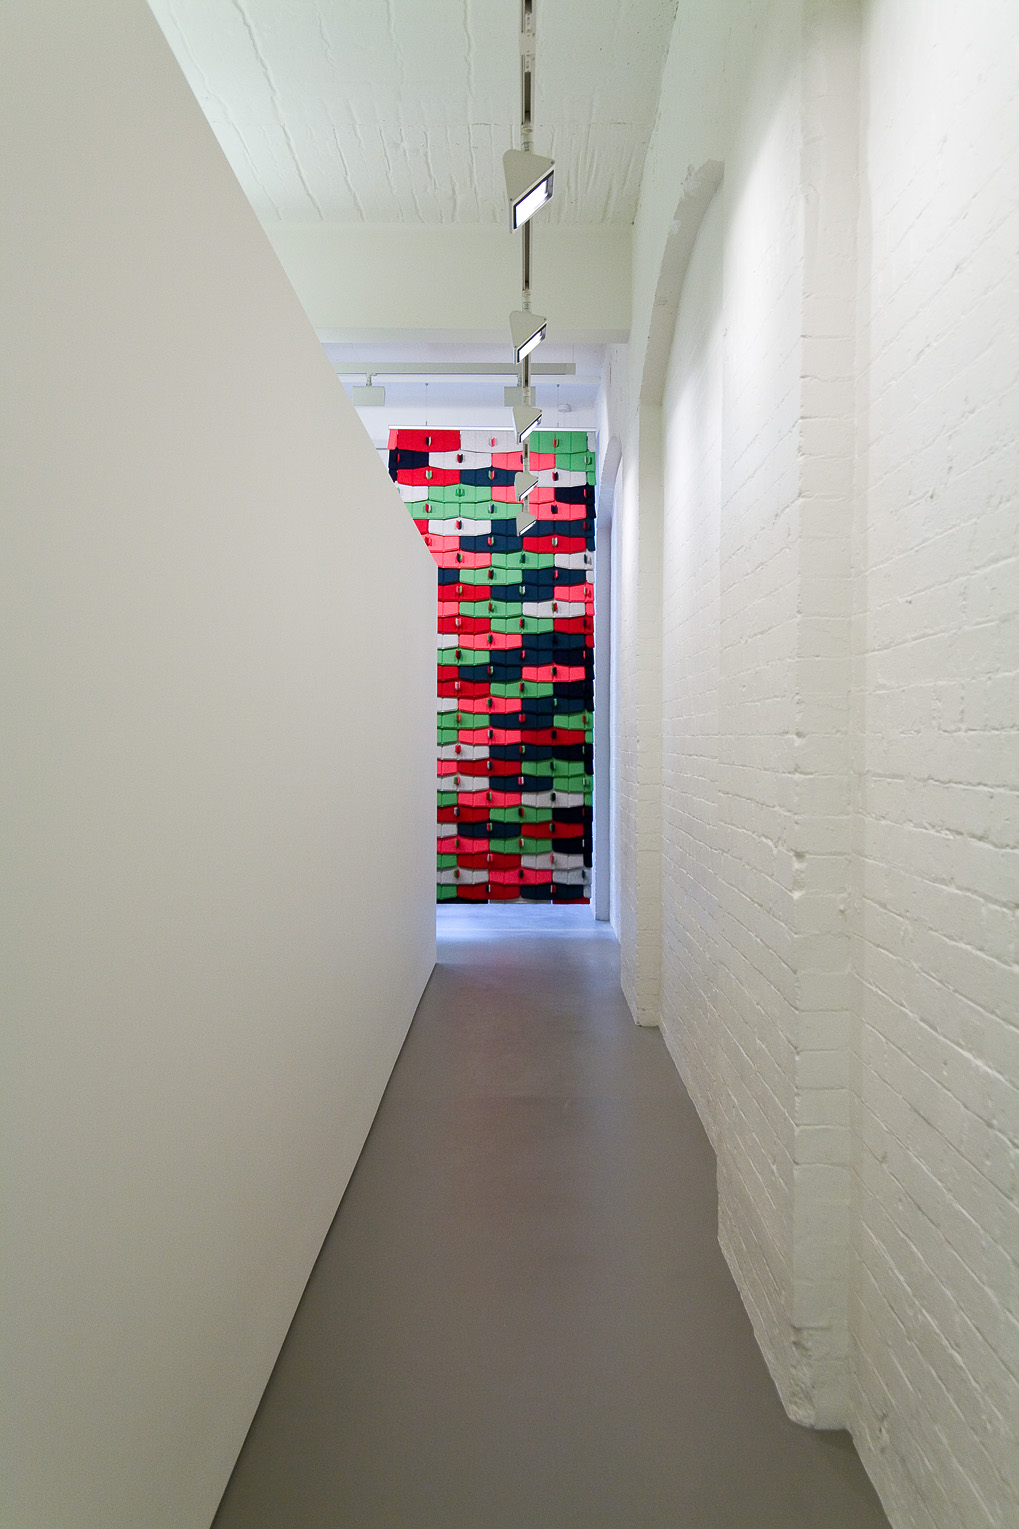 08 Corridor wall